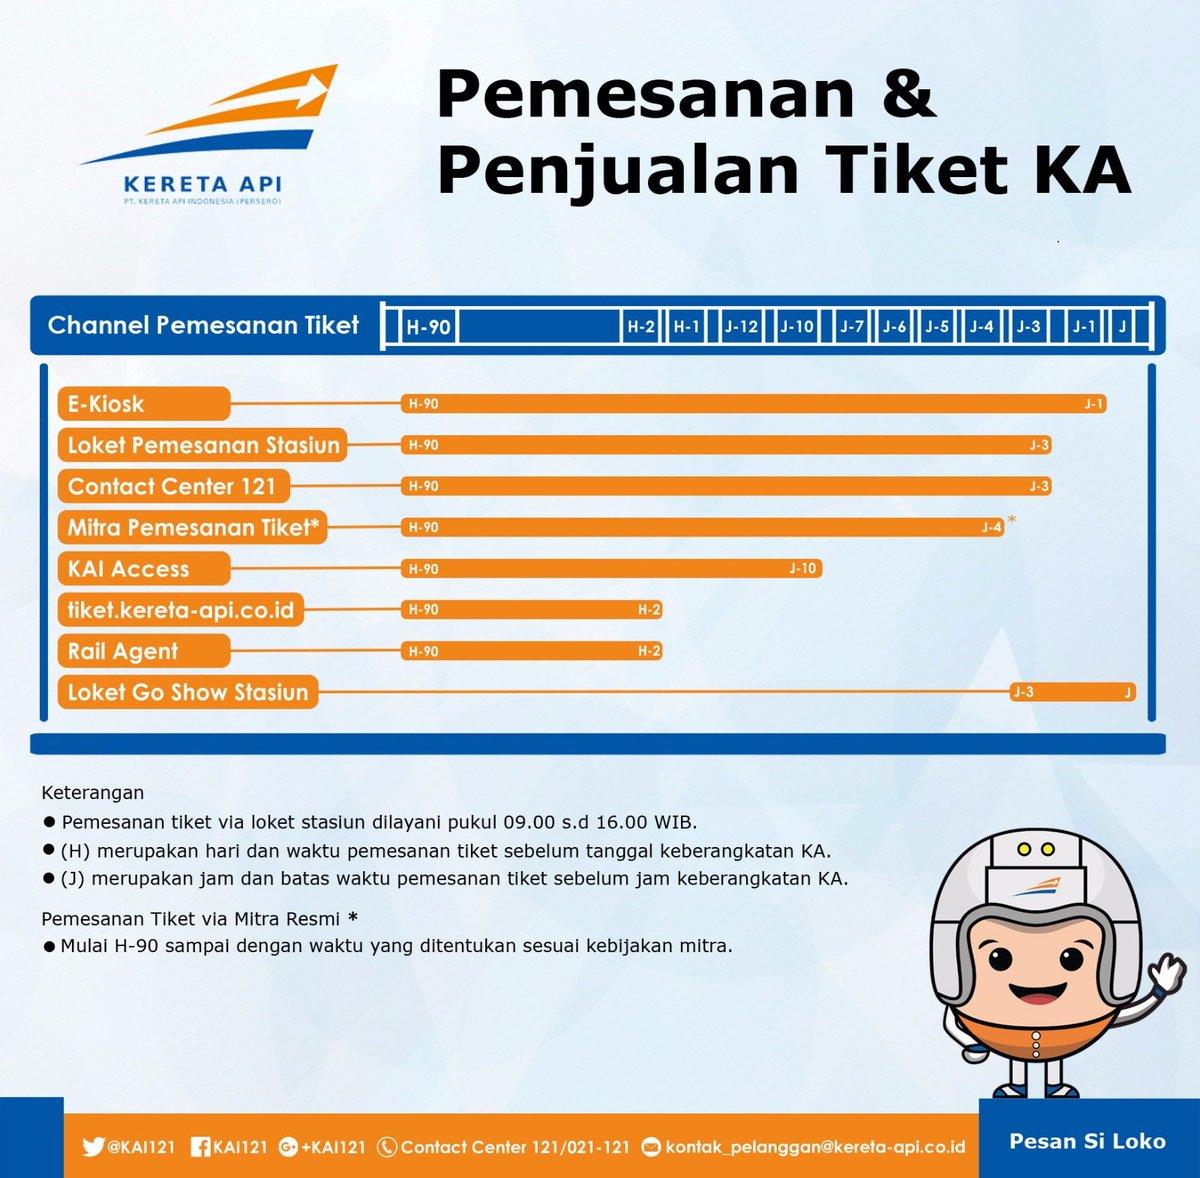 Kereta Api Indonesia On Twitter Jadwal Layanan Pemesanan Dan